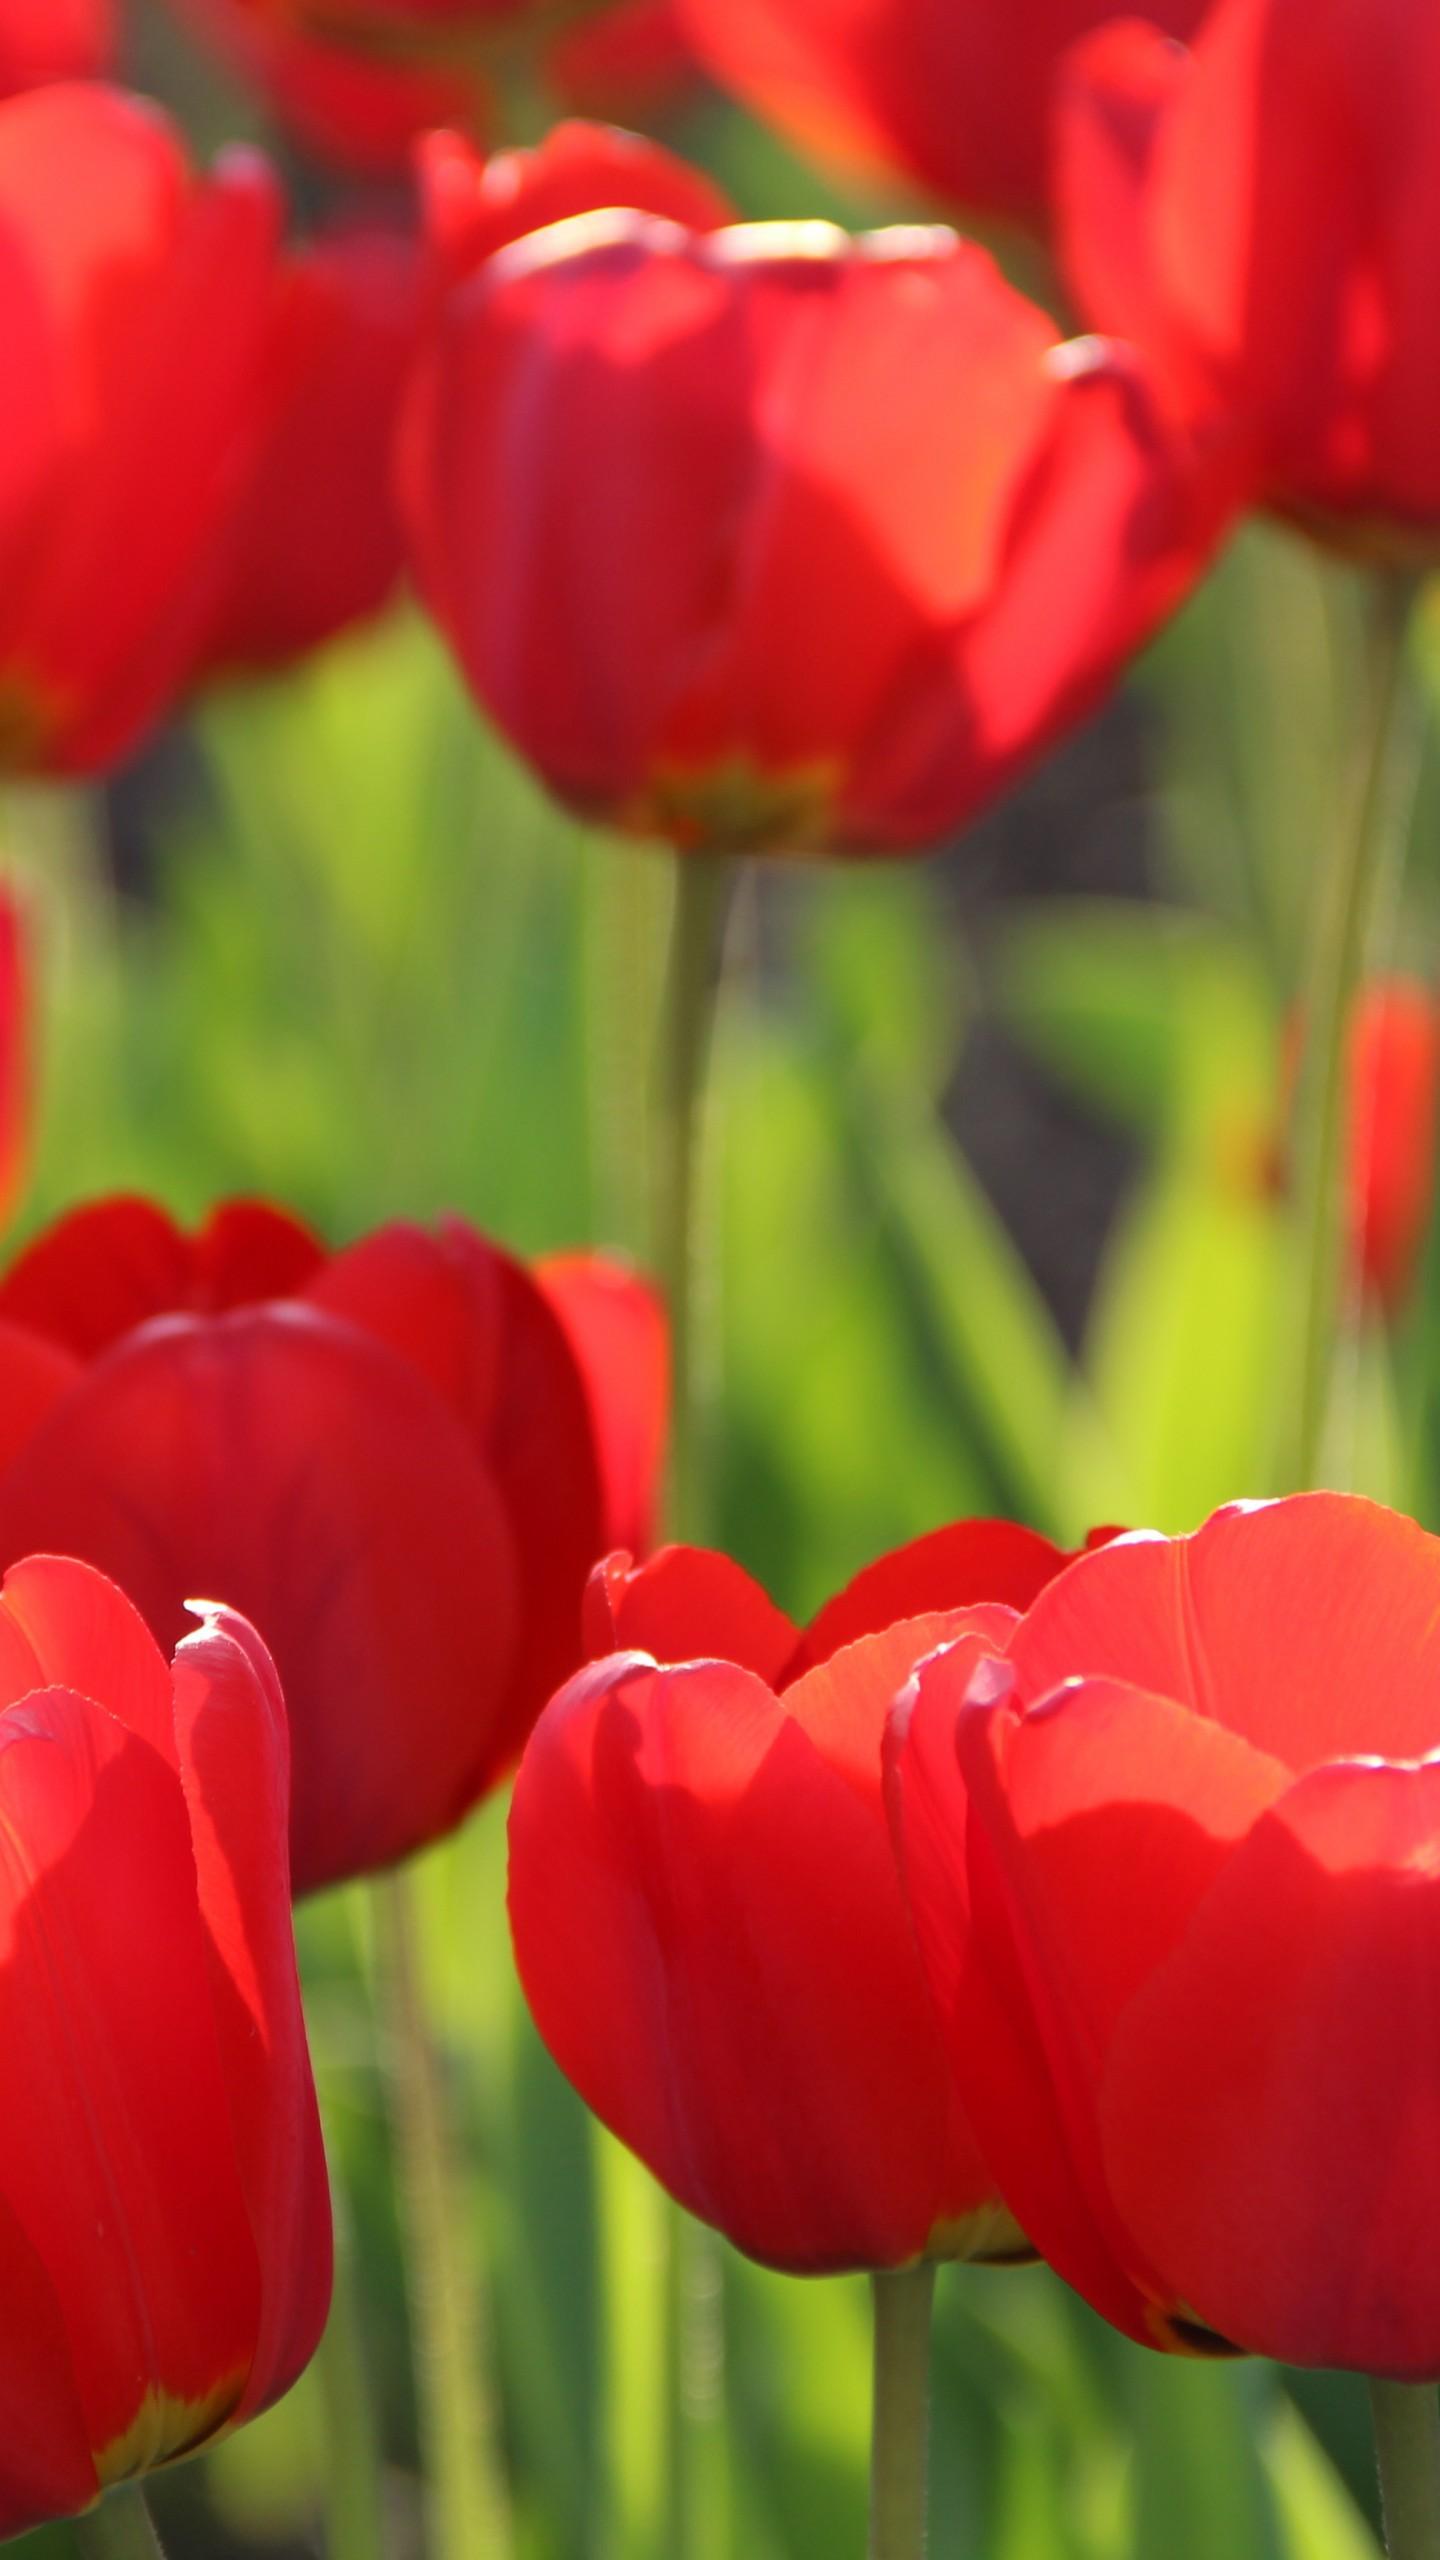 عکس زمینه گل های لاله قرمز با شکوفه های زیبا پس زمینه